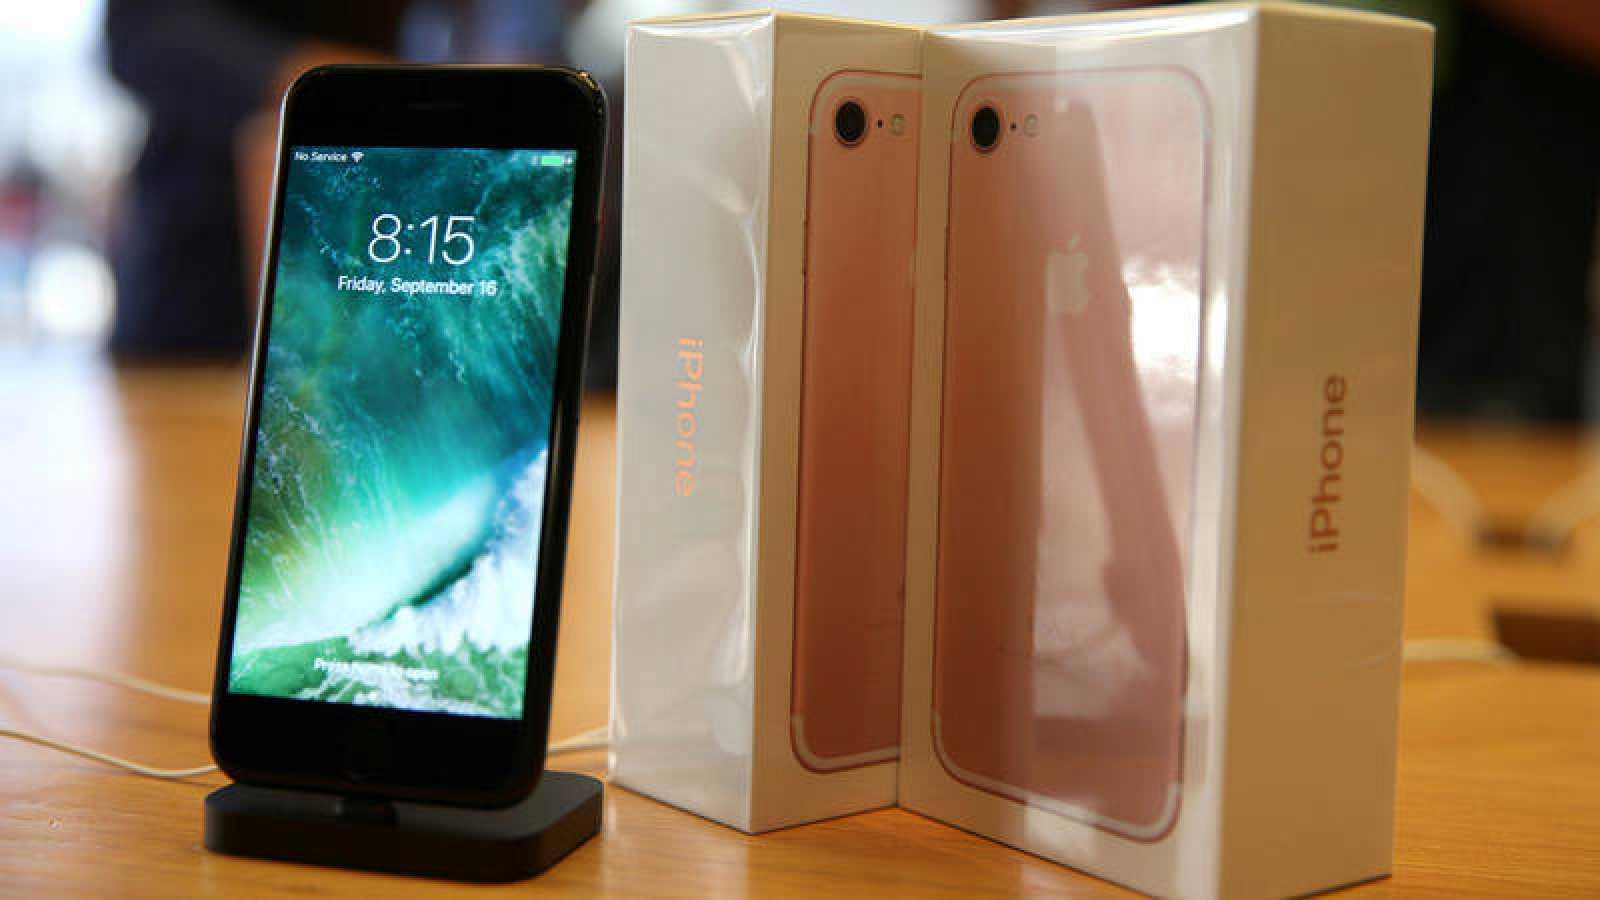 627ff2347cf La OCU denuncia a Apple por publicidad engañosa del IPhone 7 - RTVE.es